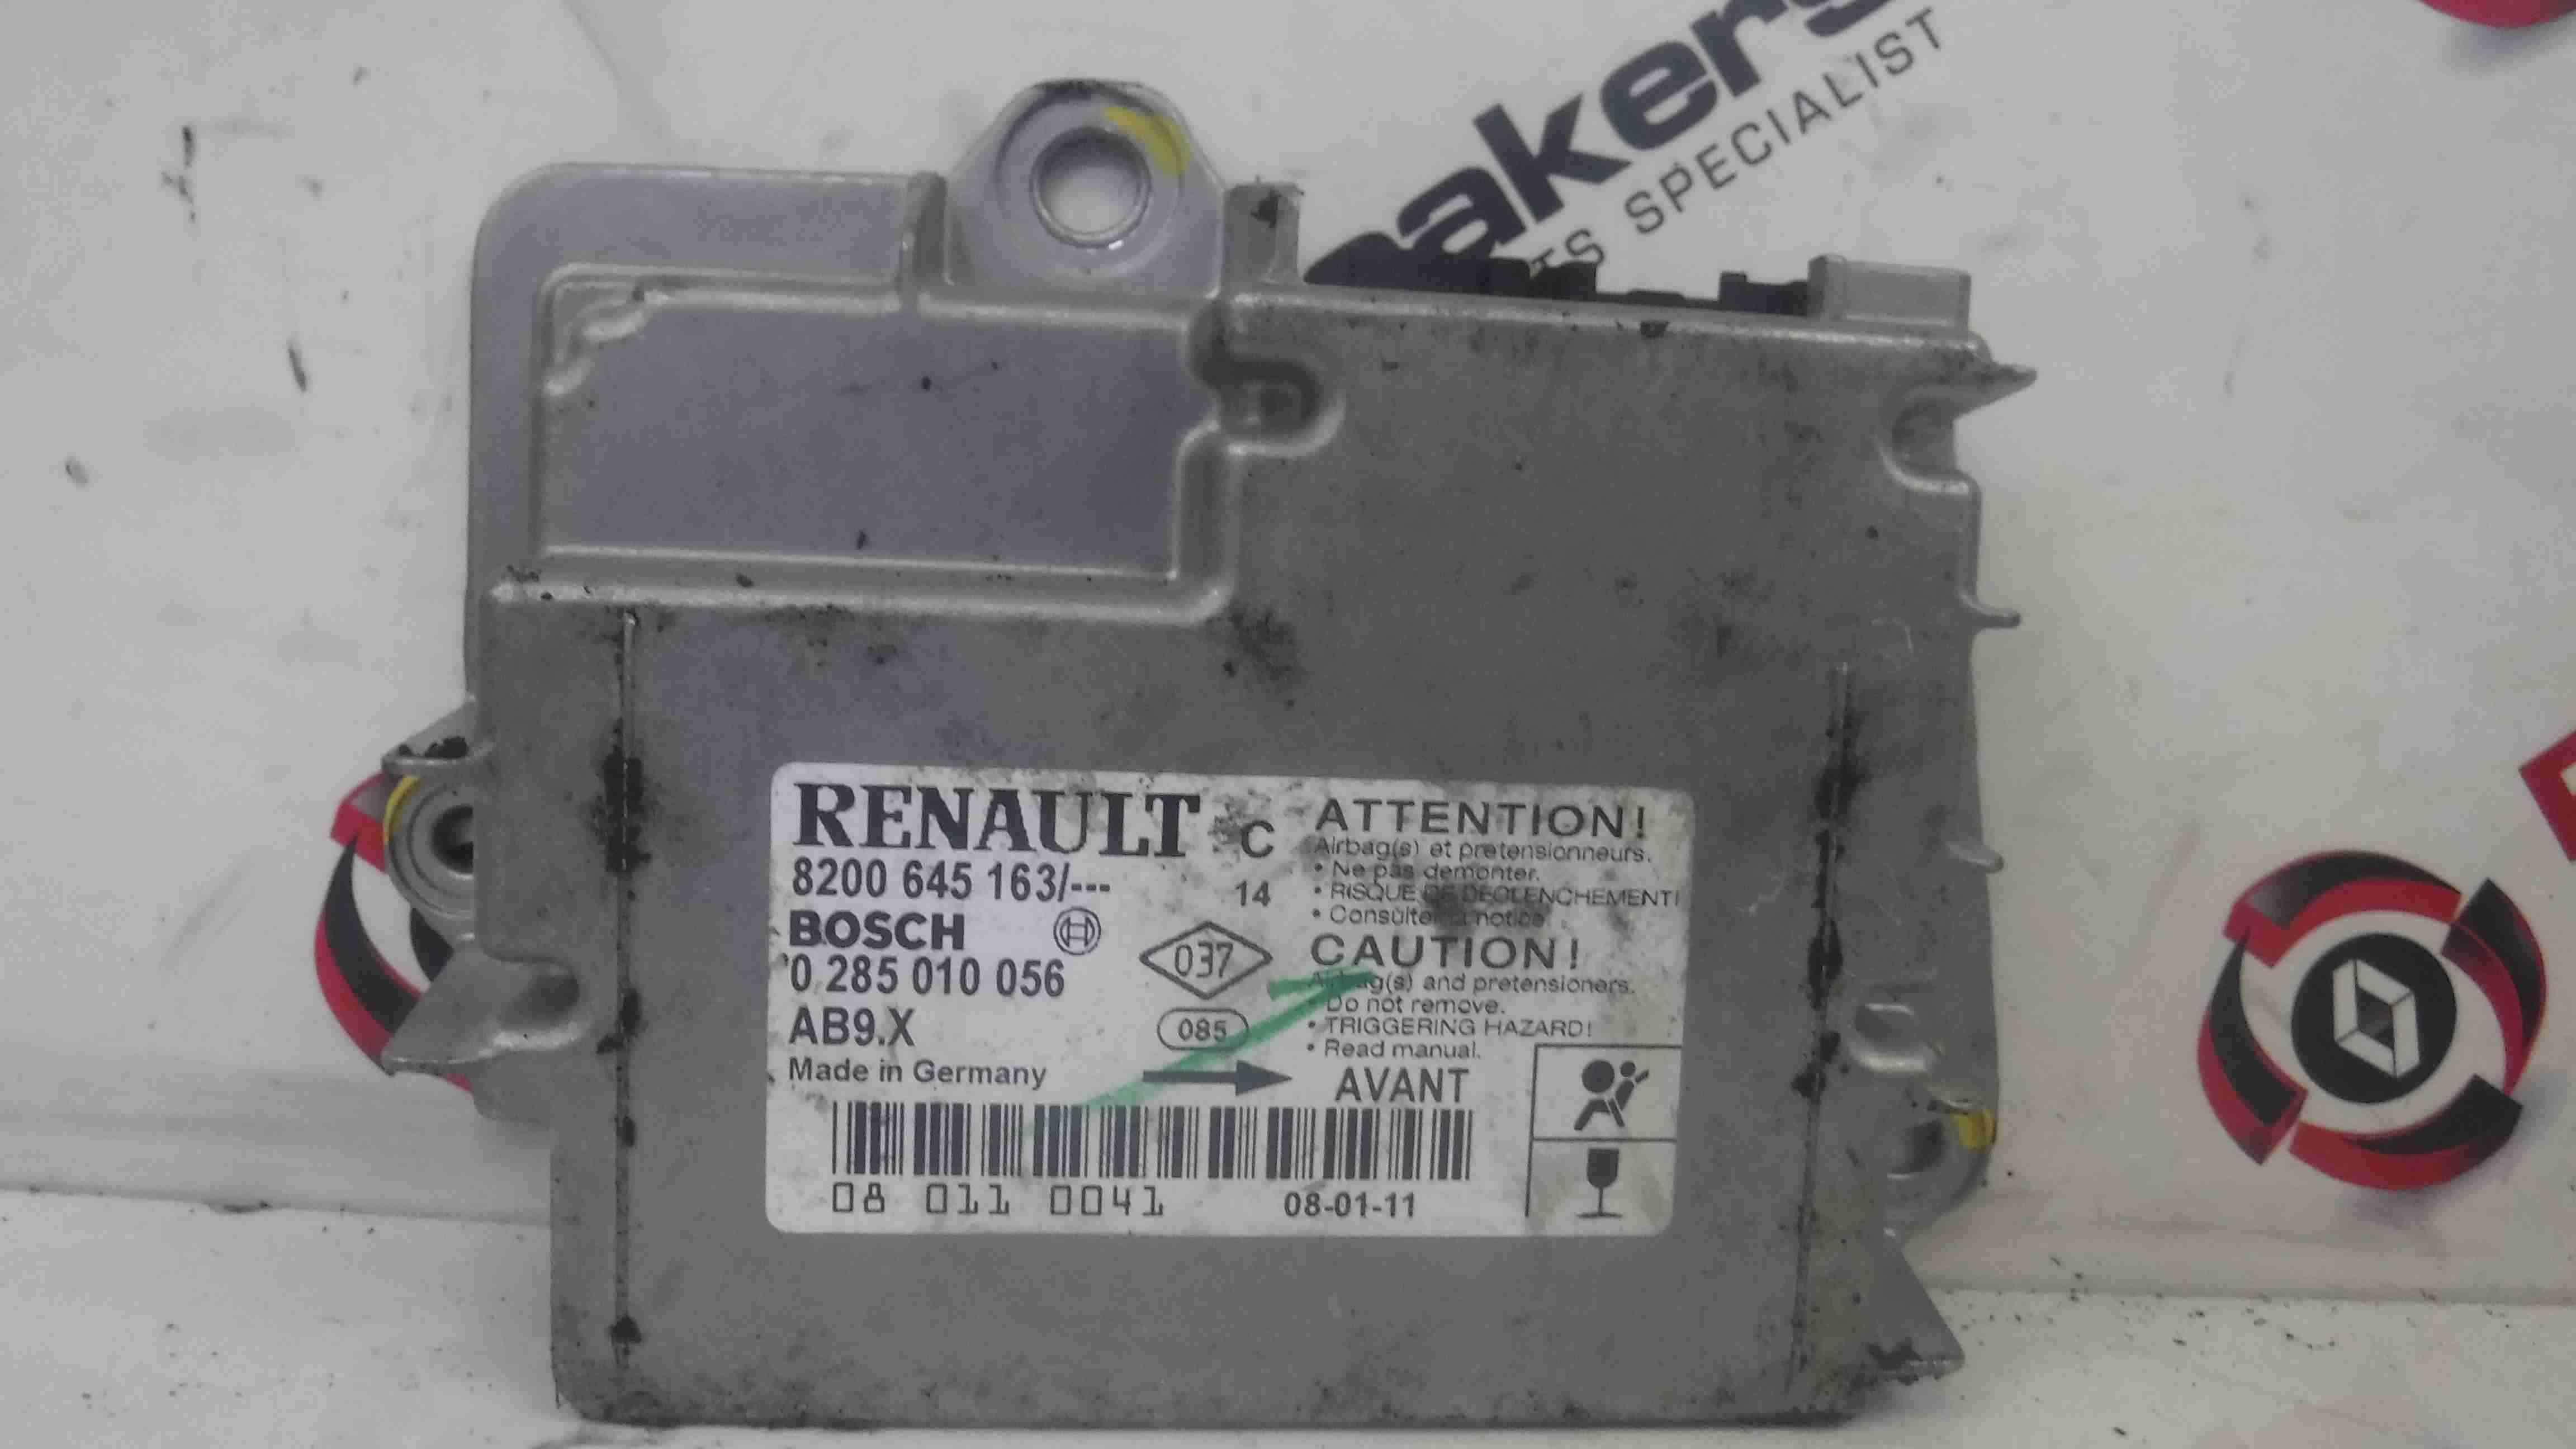 Renault Clio Sport 2005-2012 197 Airbag ECU Module Computer 8200645163